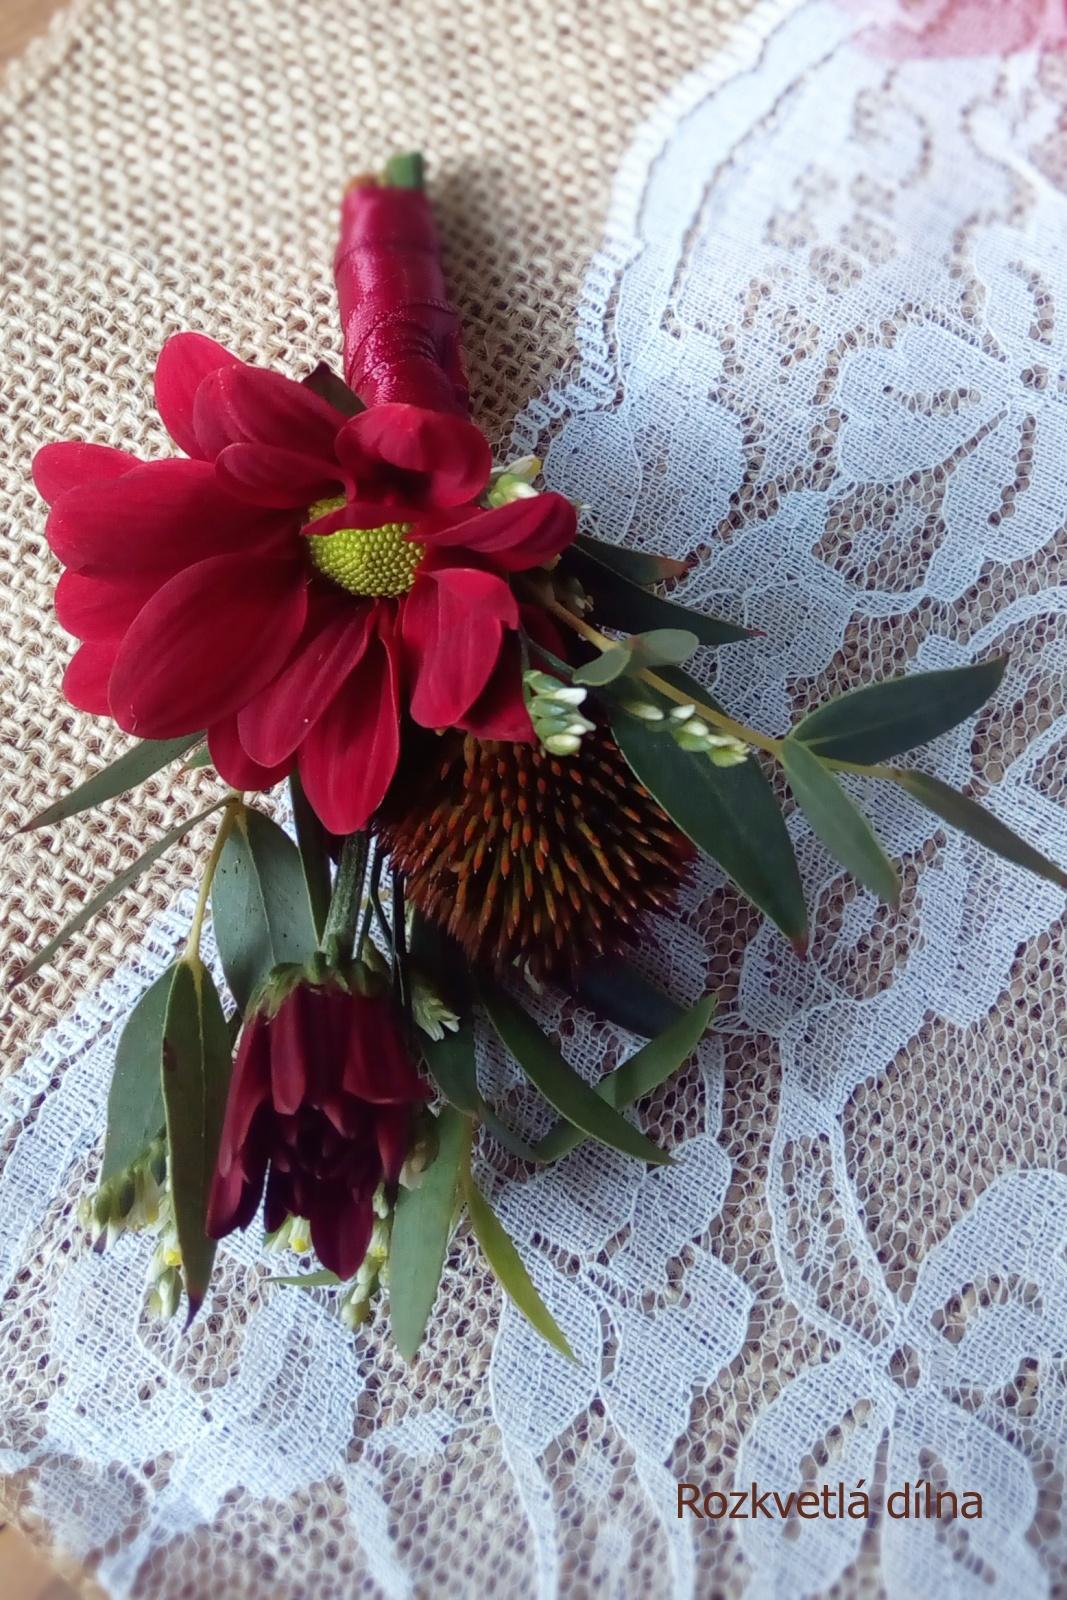 Podzimní svatba v bordó-krémové pro Káju a Toma - korsáž pro ženicha